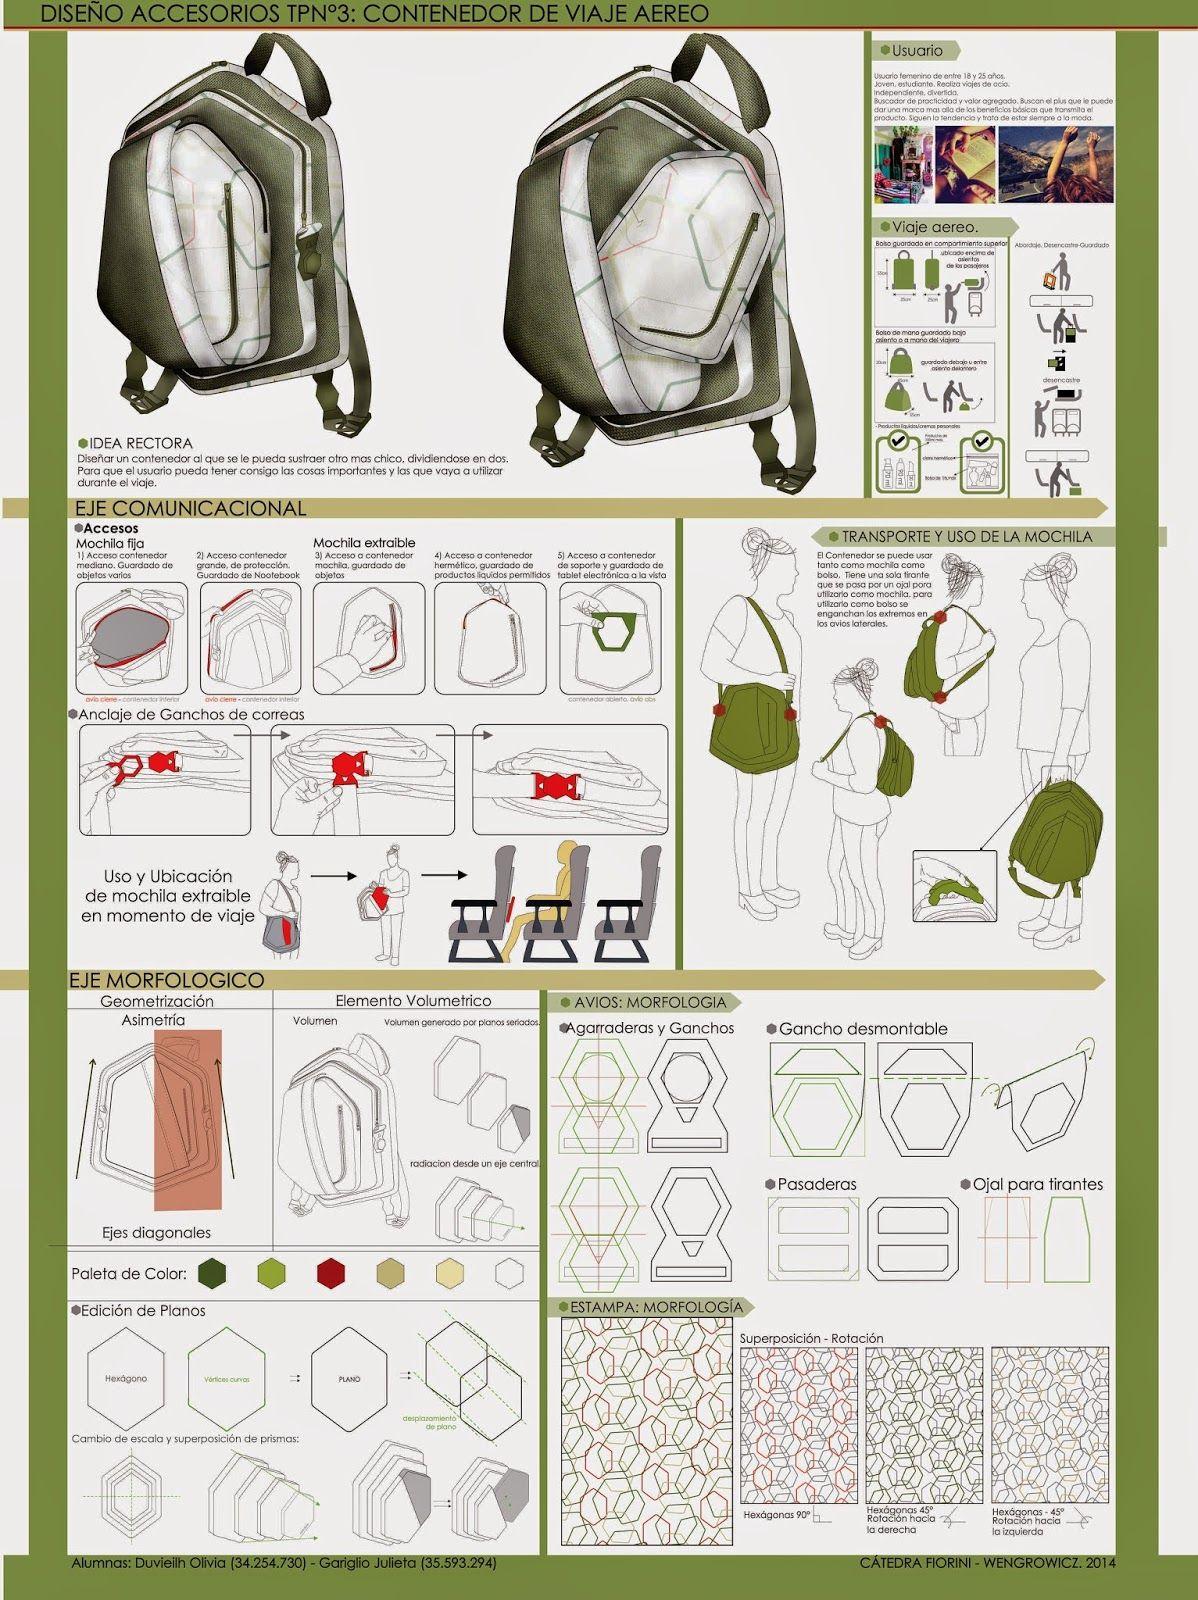 Pin de Emilia Nogueira en Detalles costura | Pinterest | Disenos de ...